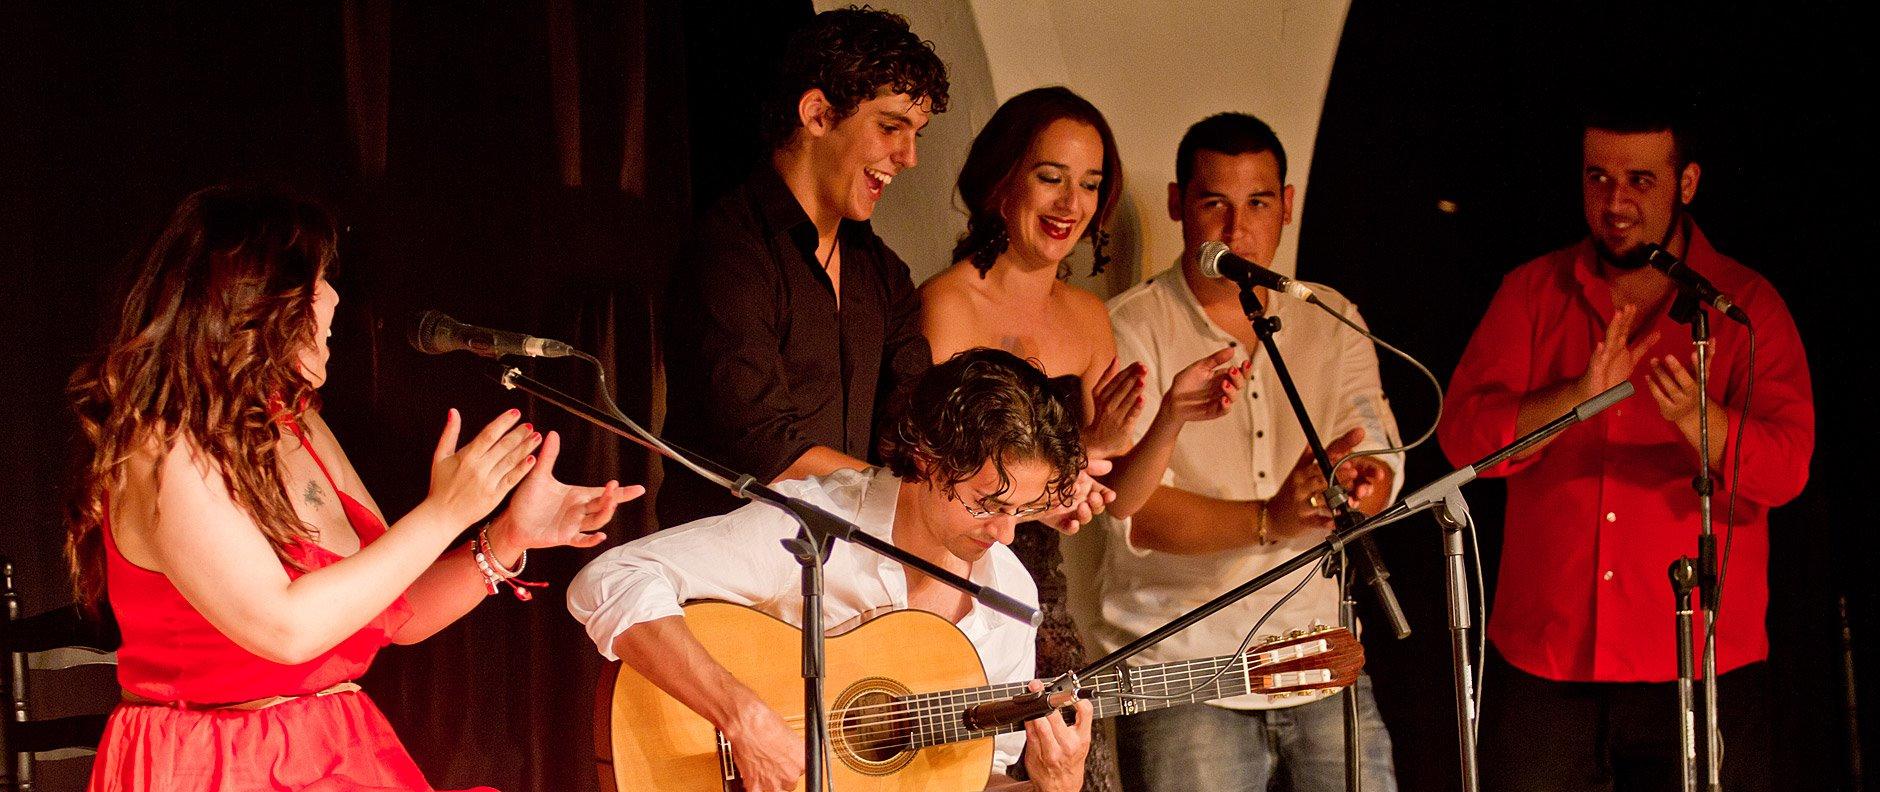 Spanish Guitar Chicago: Public Event